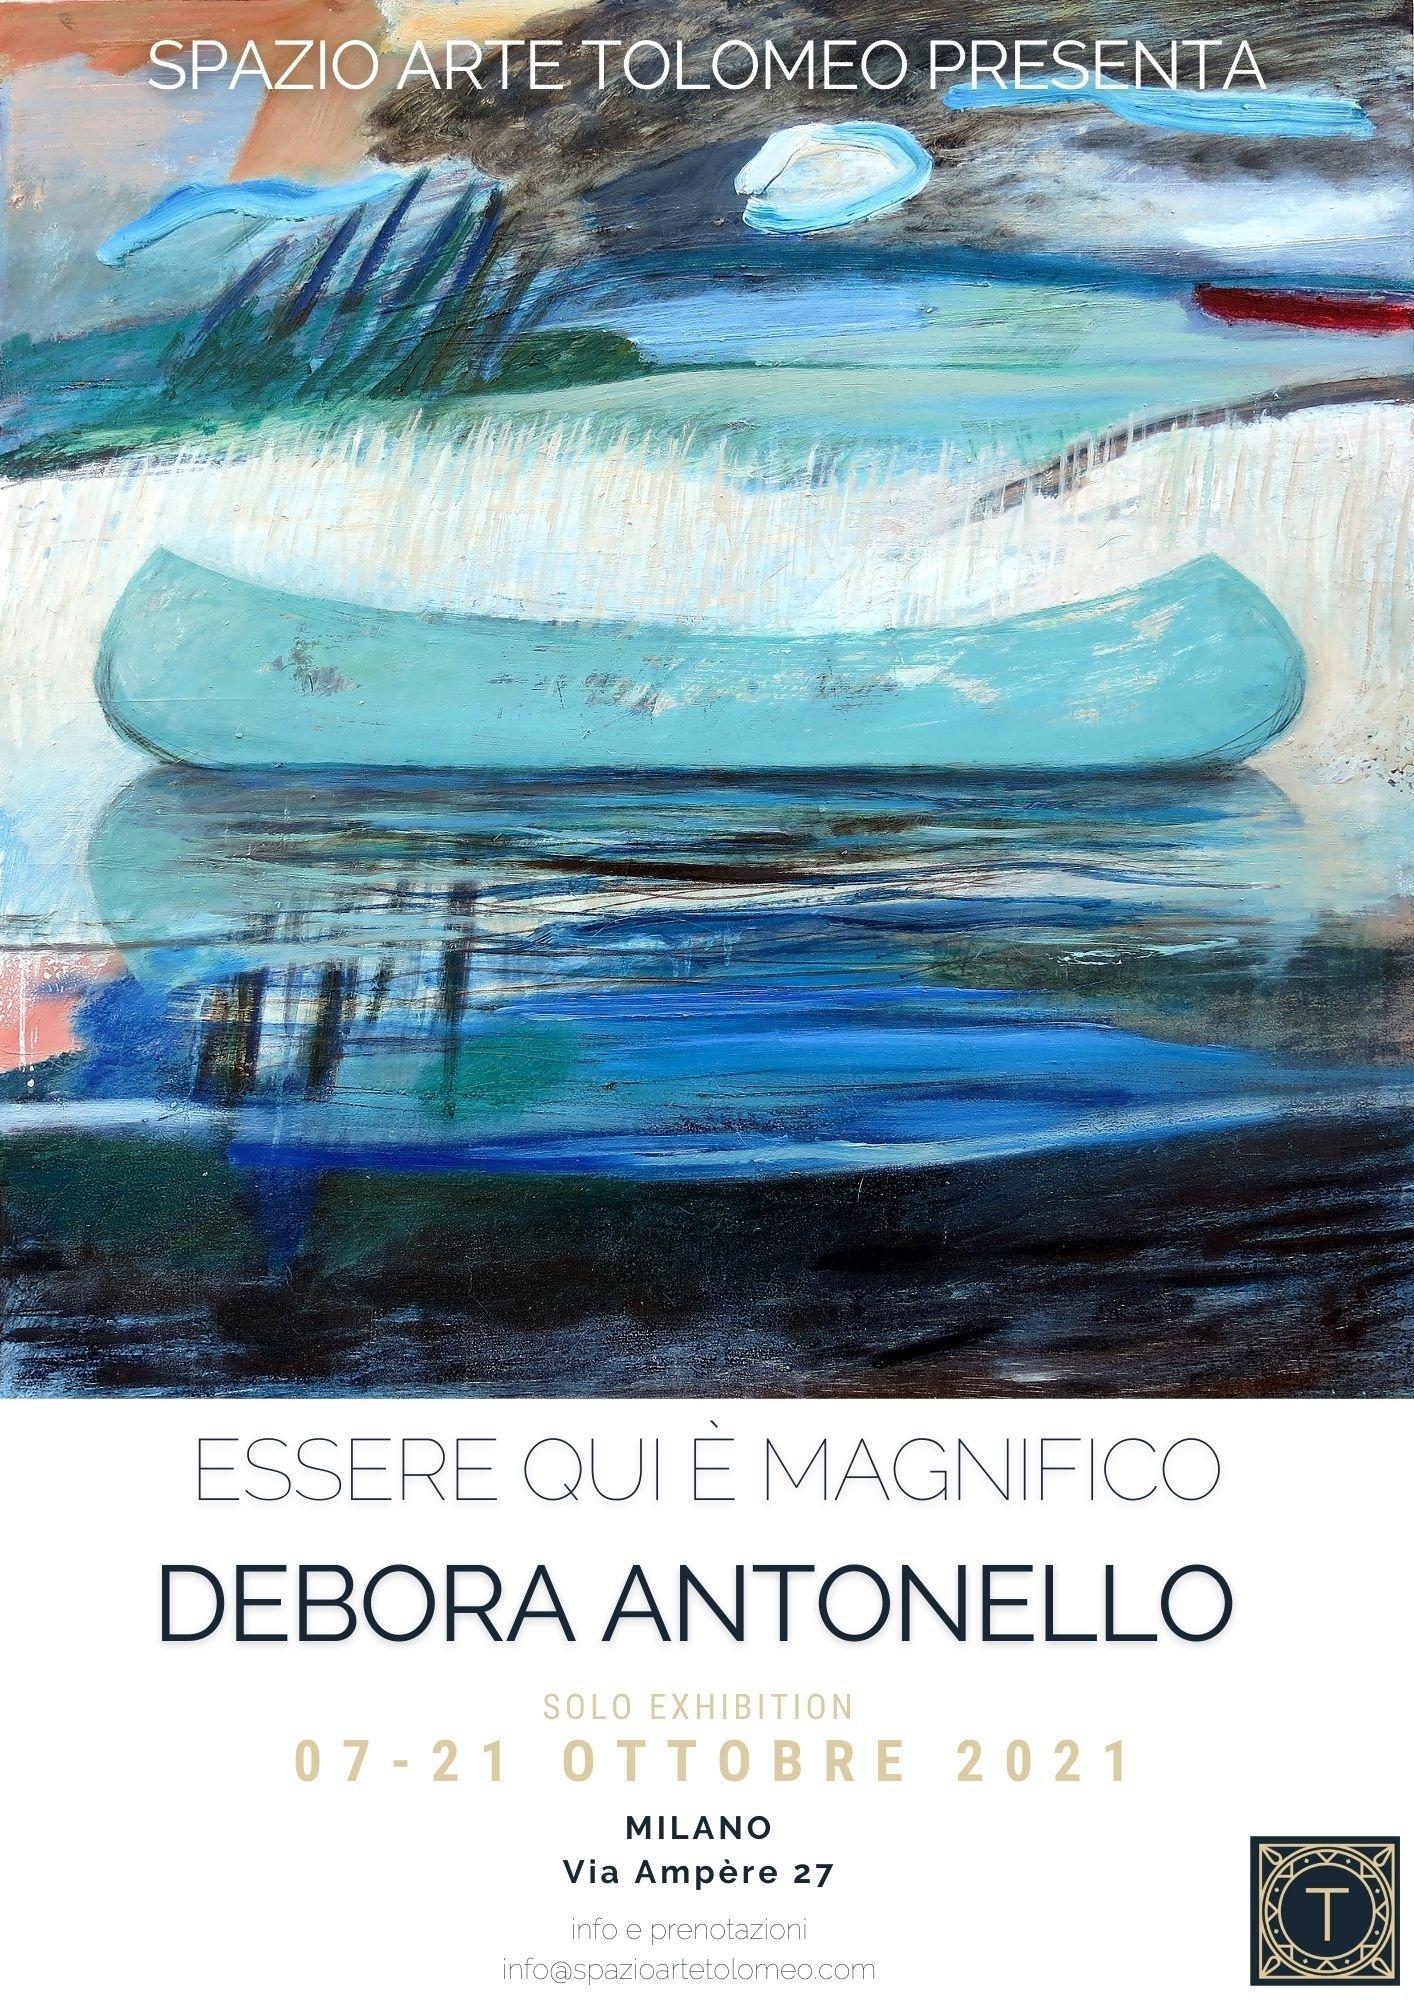 Debora Antonello - Being here is magnificent